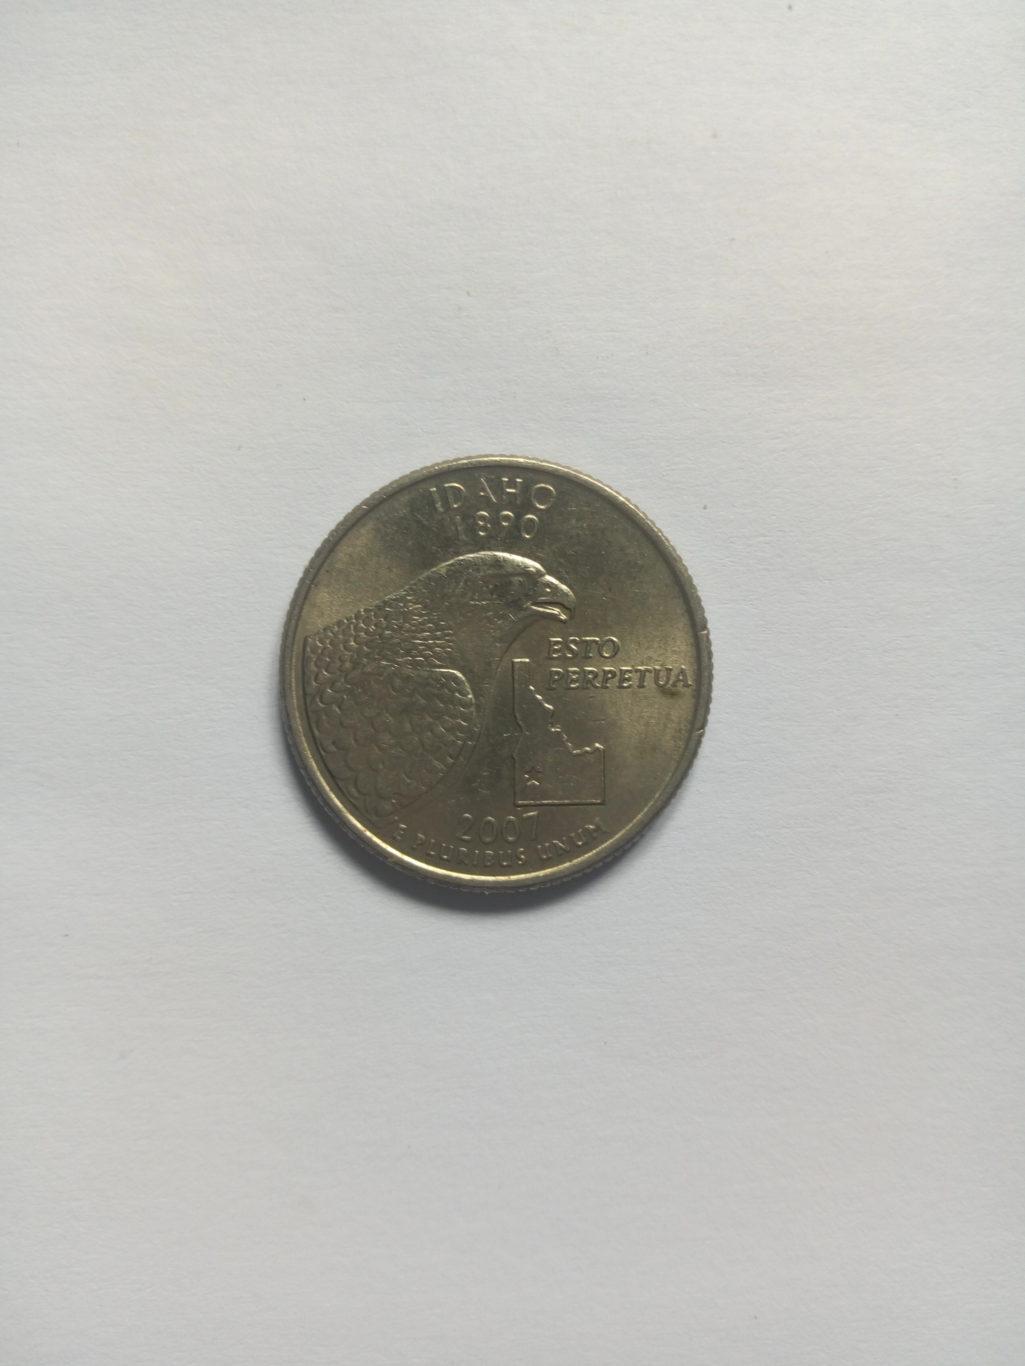 2007_quarter dollar united states of america